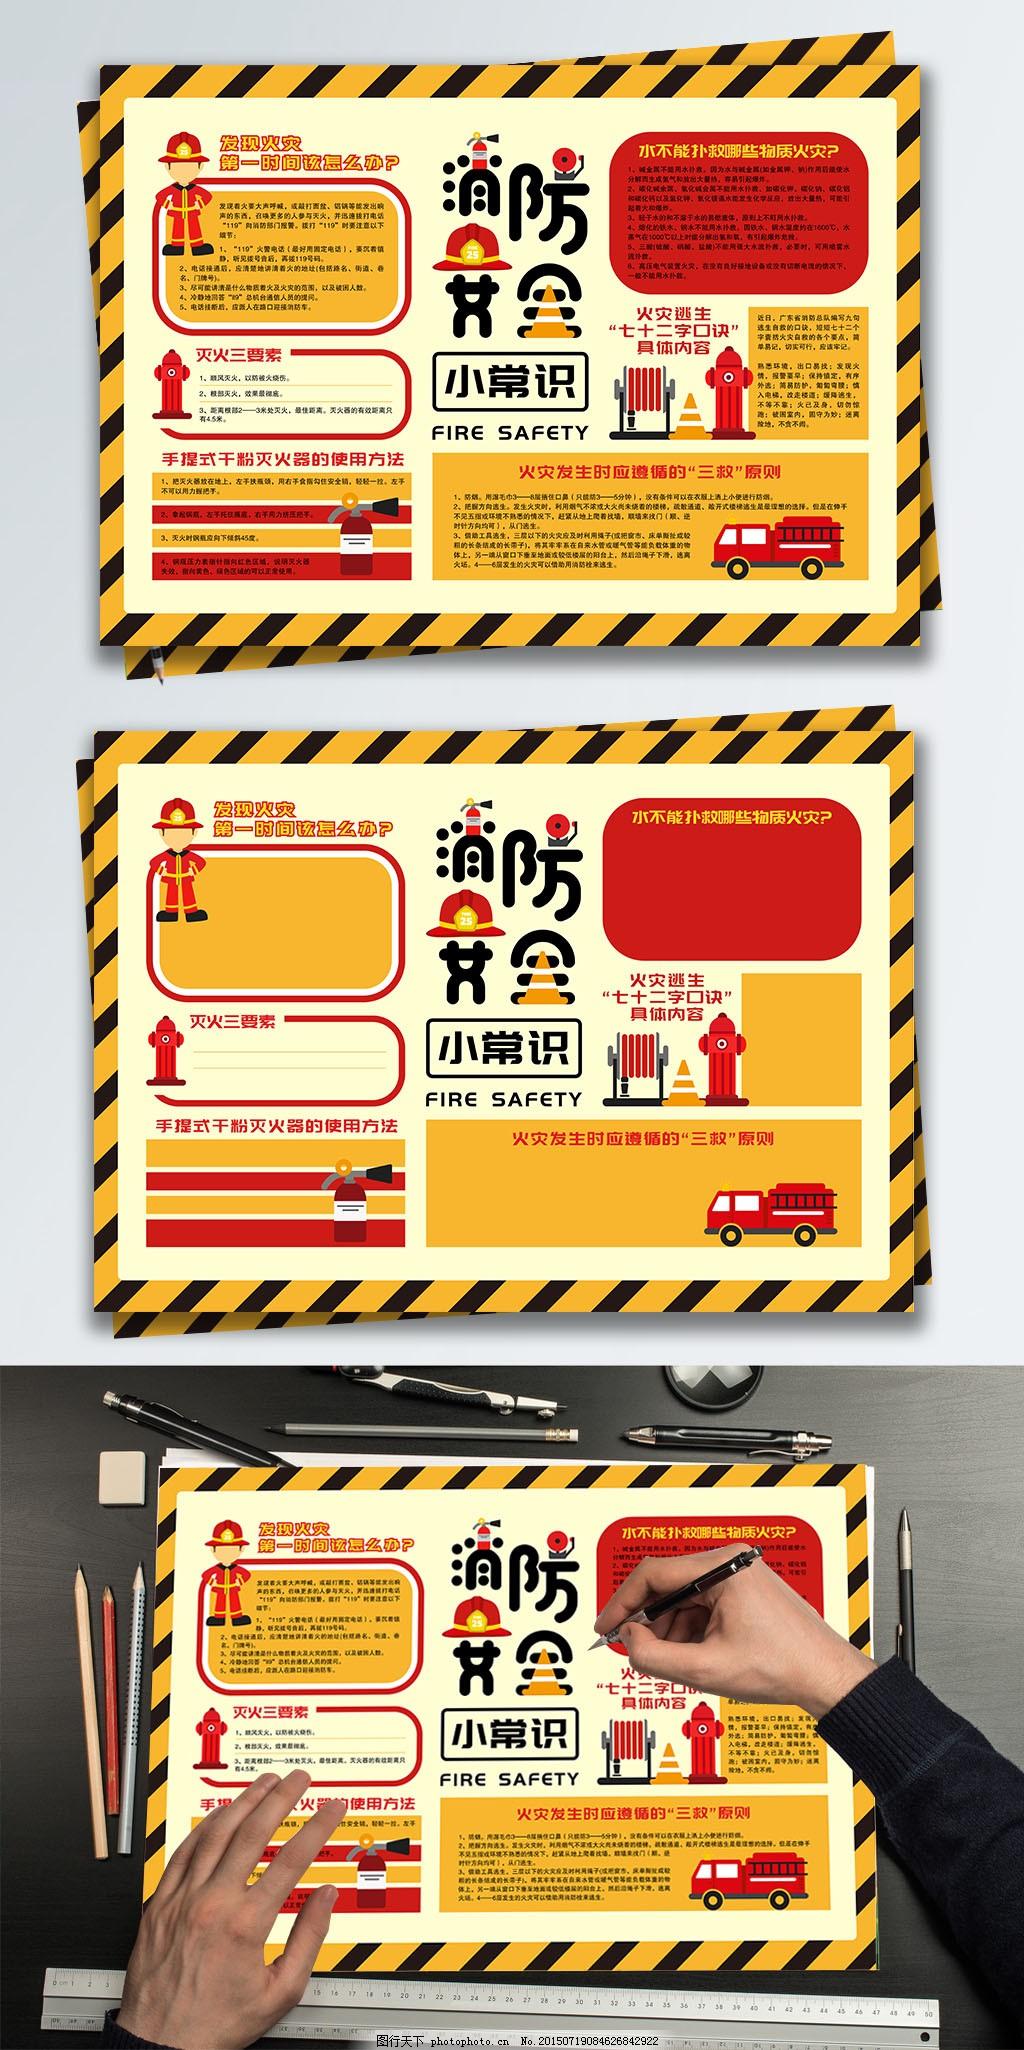 扁平 红色 黄色 警报器 卡通 灭火器 手抄报 消防安全 消防车 消防员